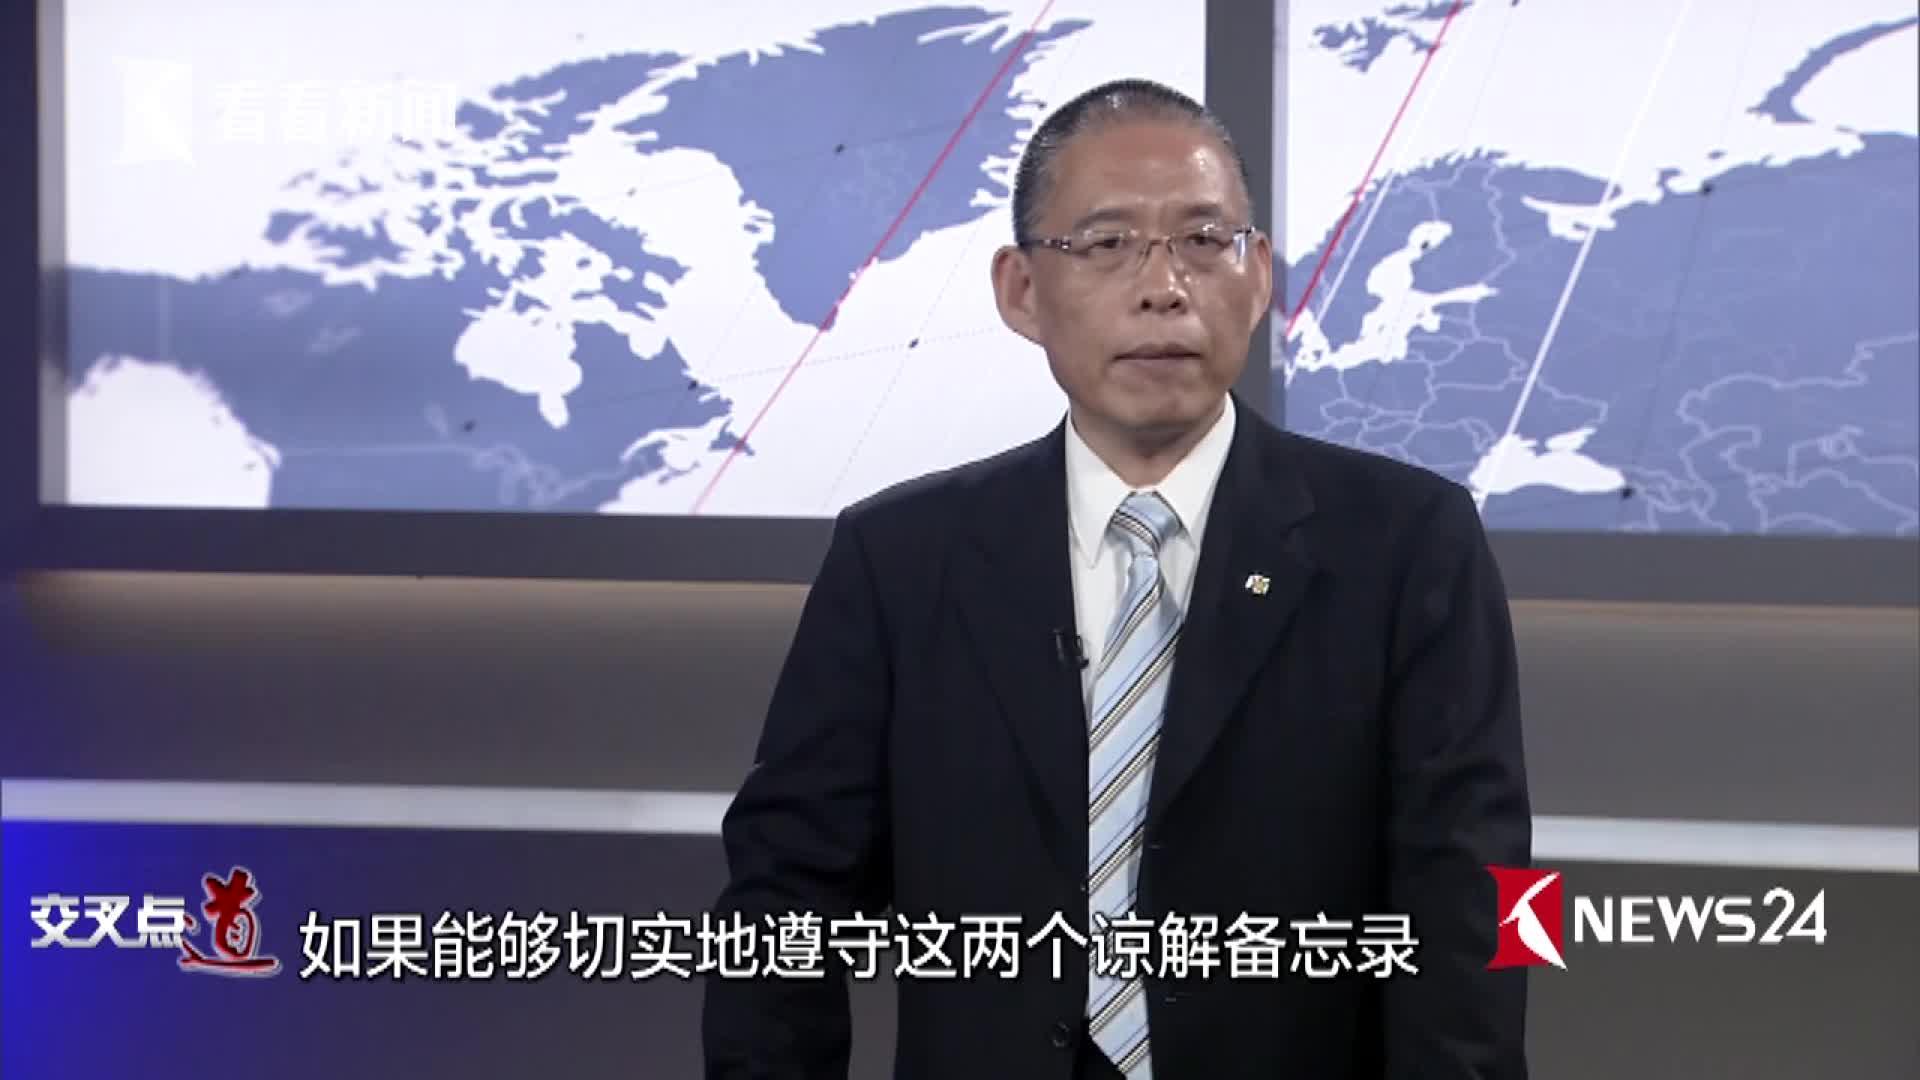 美国频频挑衅 除了抗议中国还能做什么?